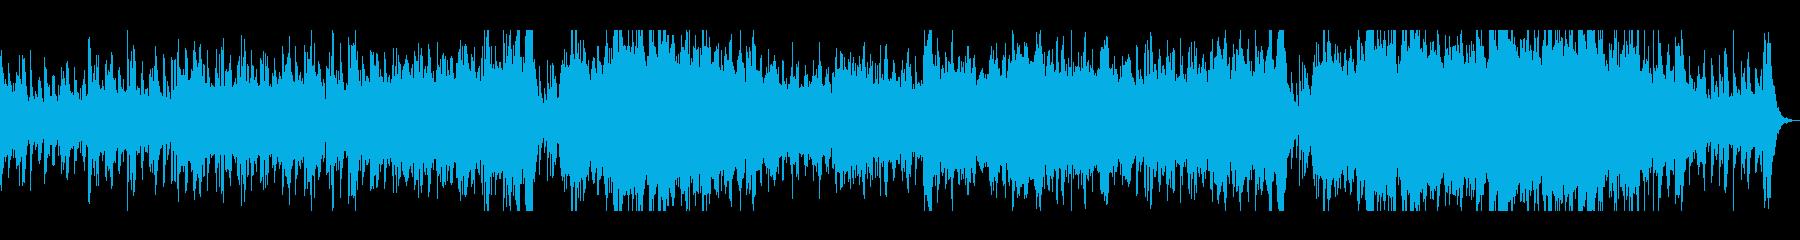 和太鼓のリズムが力強い戦闘シーンBGMの再生済みの波形